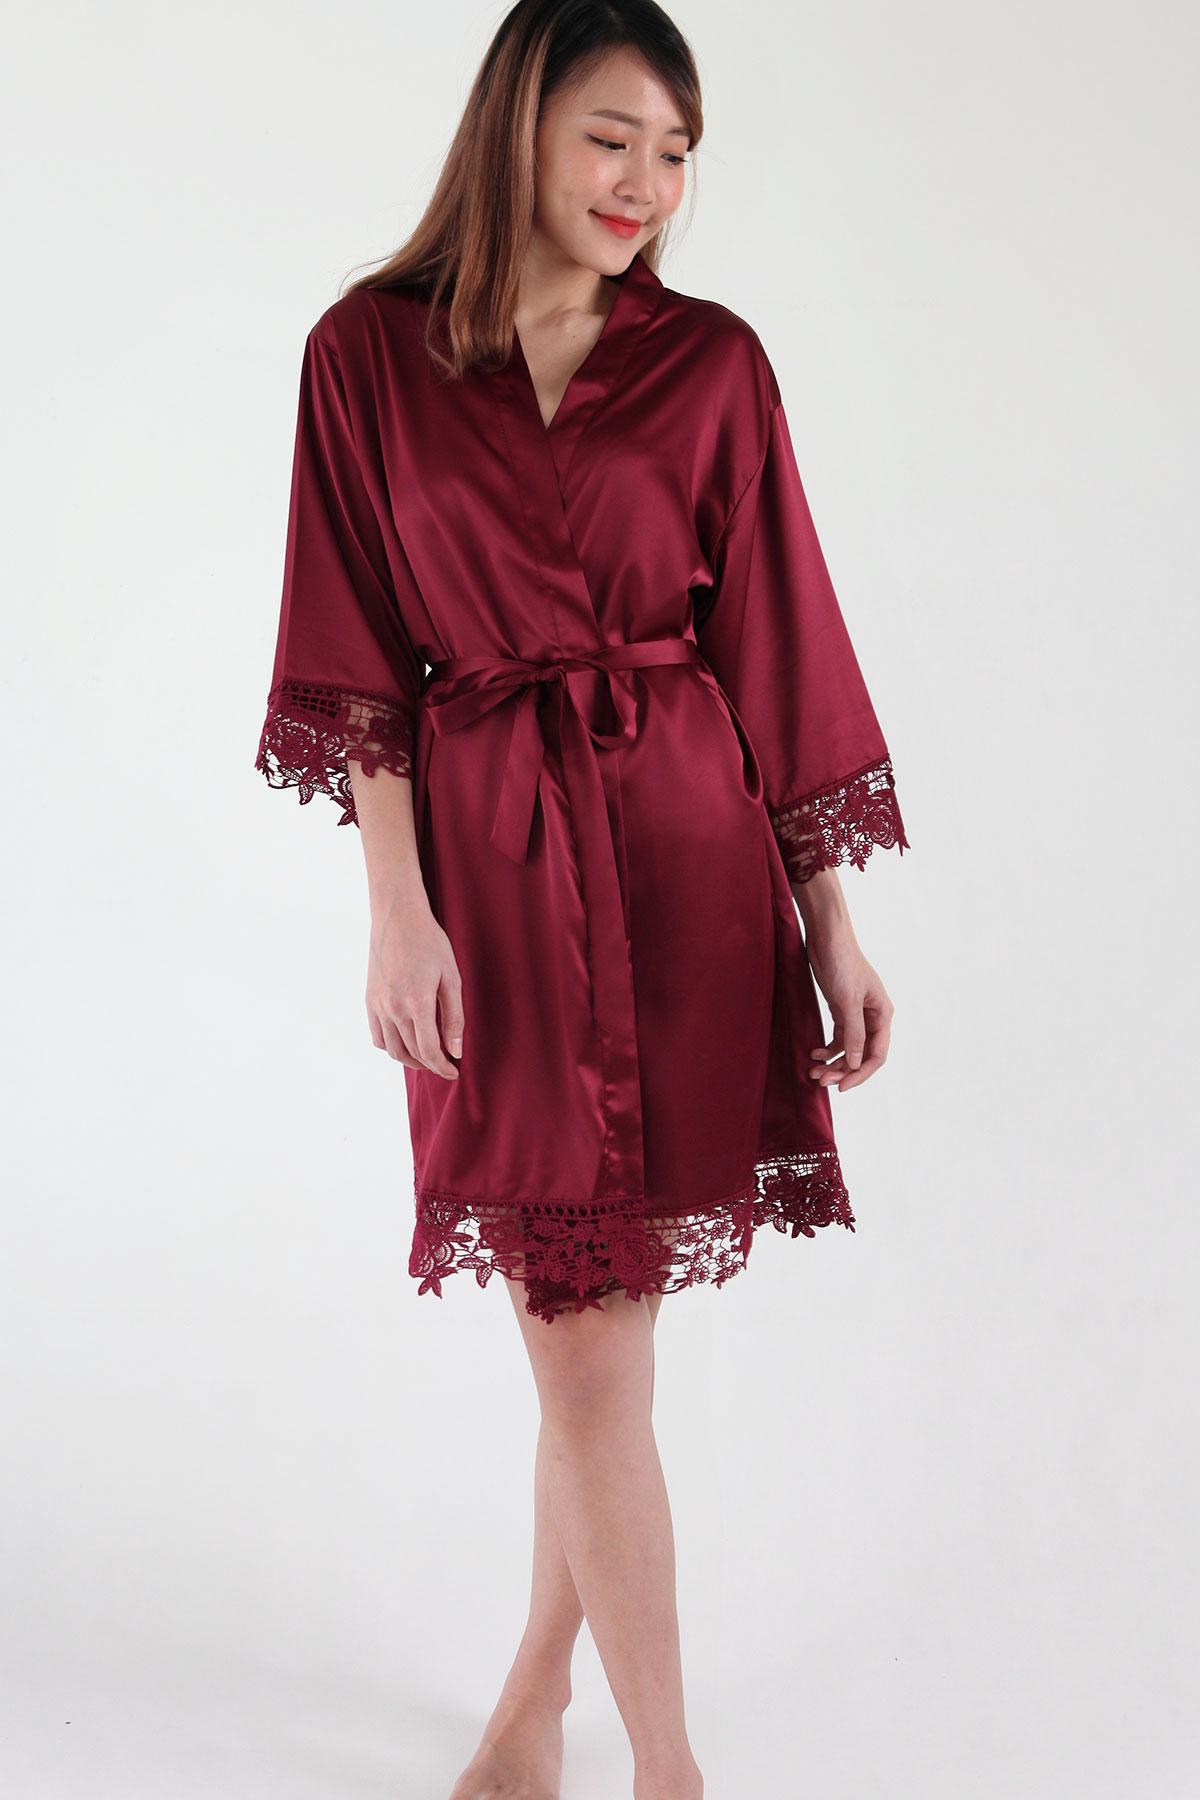 Crochet Trimmed Satin Robe in Burgundy